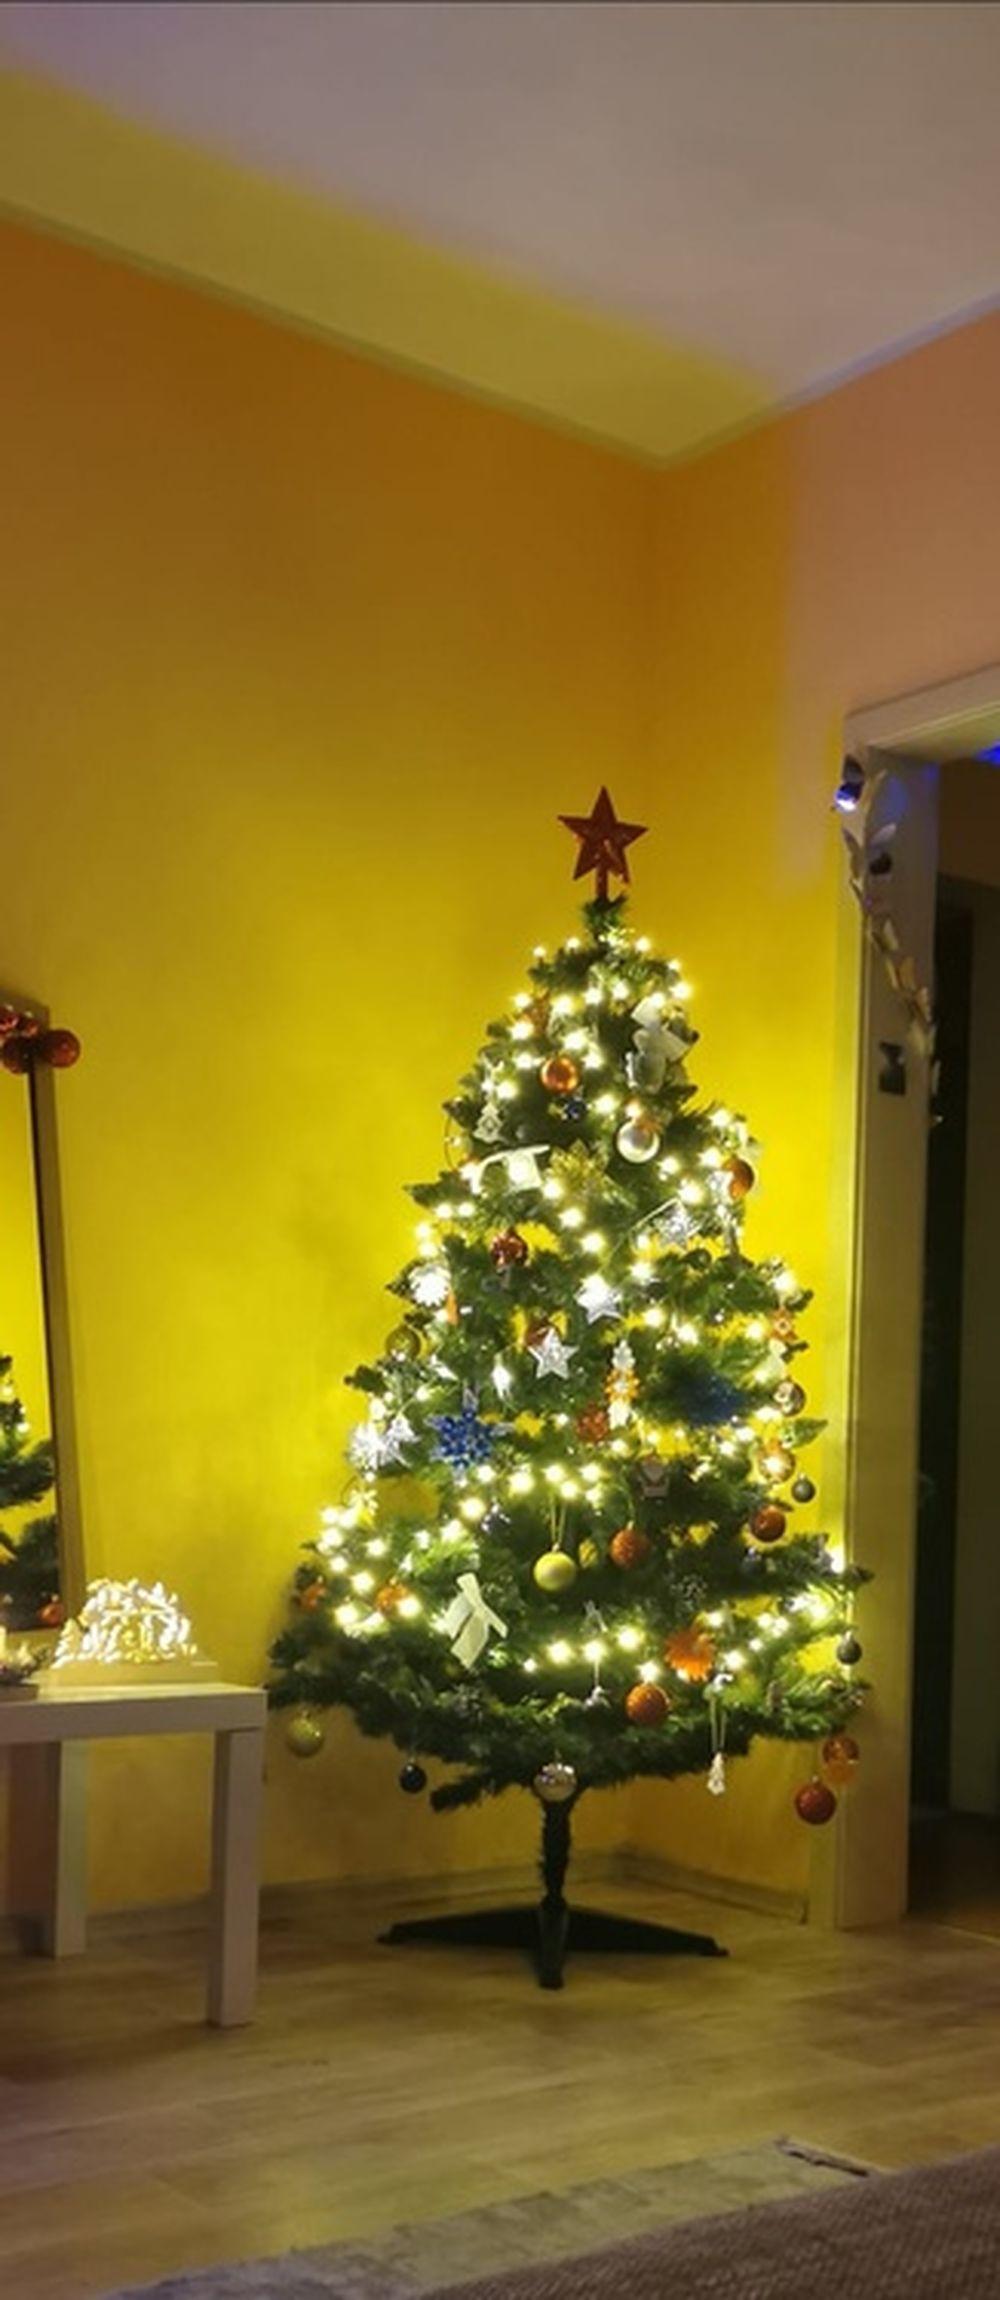 FOTO: Vianočné stromčeky v Žiline - výber fotografií našich čitateľov, foto 45